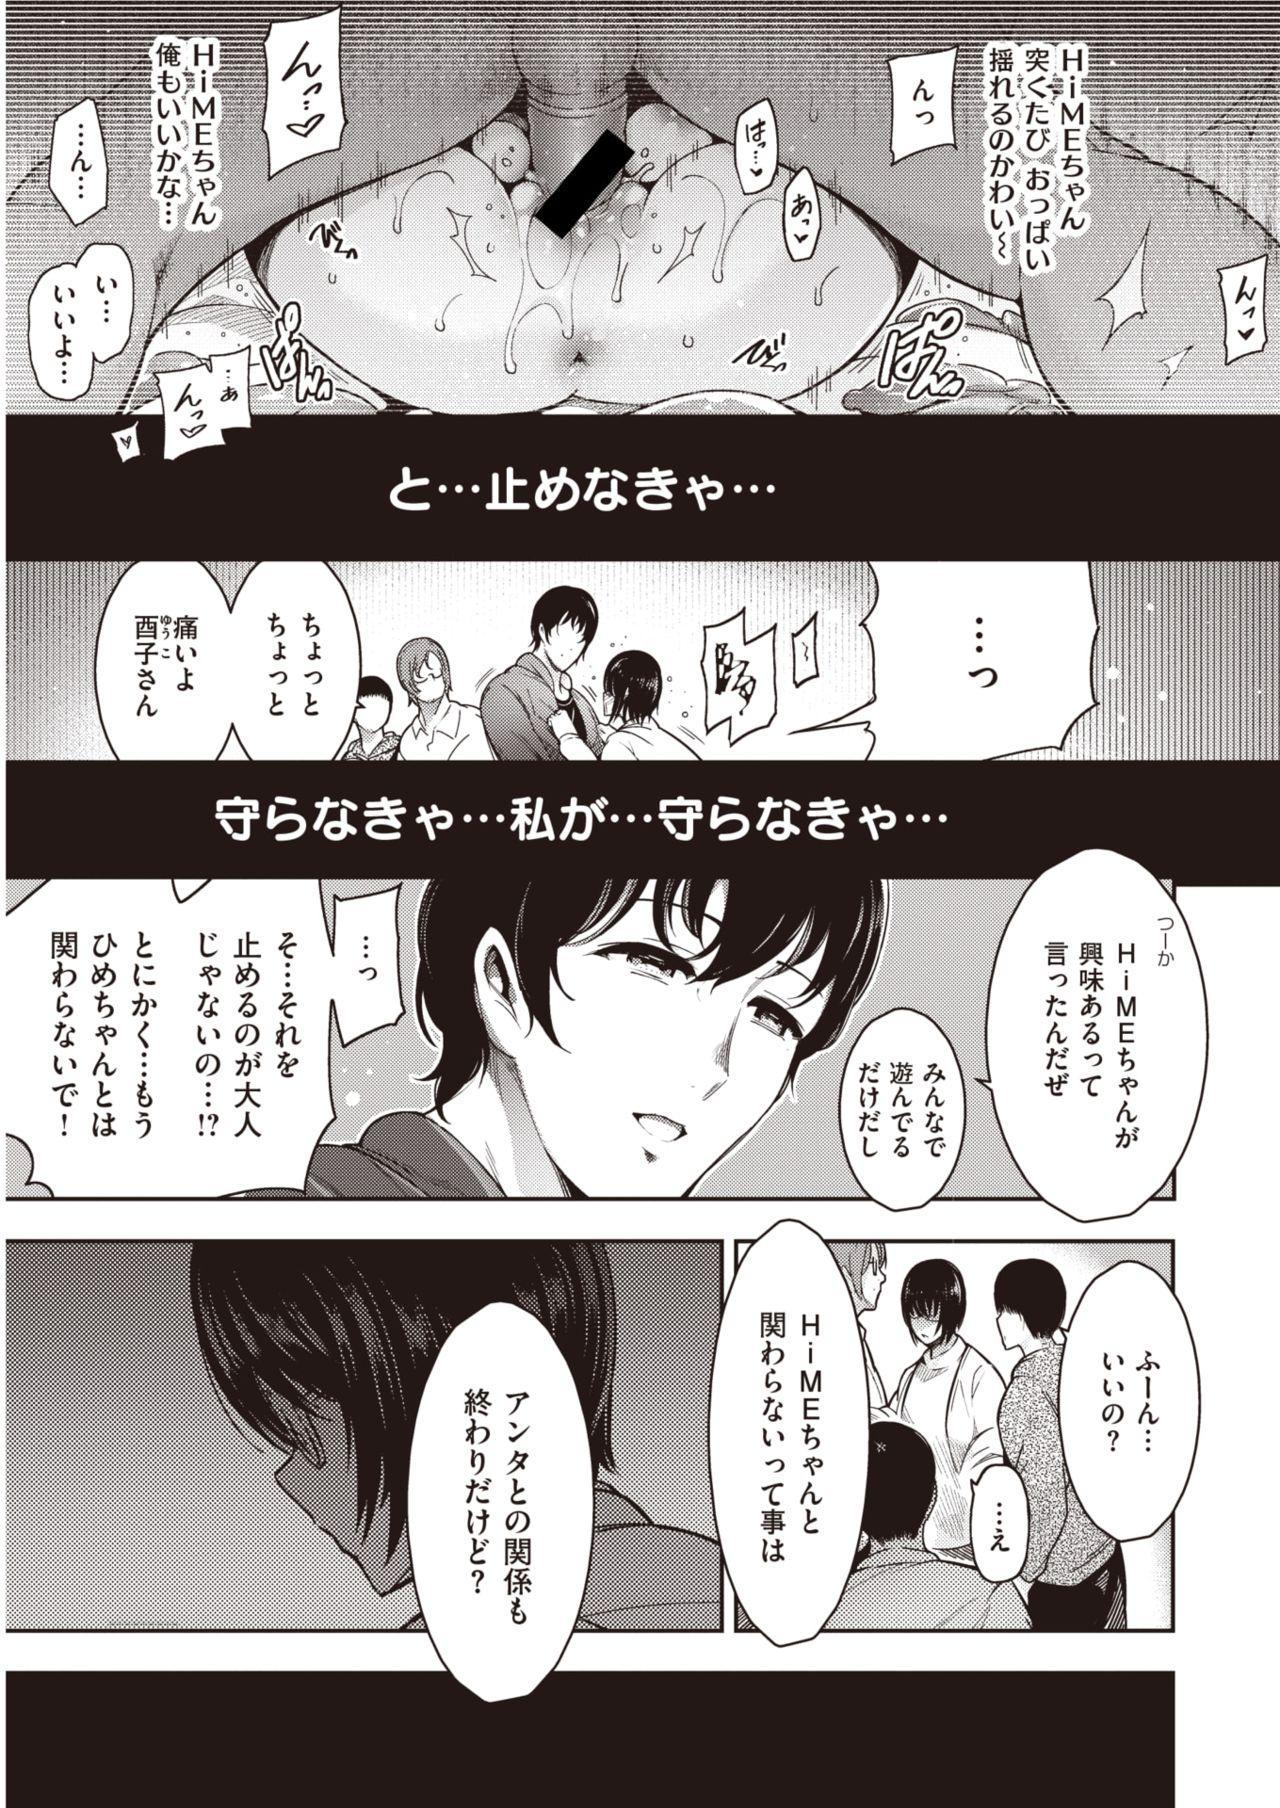 COMIC Kairakuten 25 Shuunen kinen tokubetsugou 428